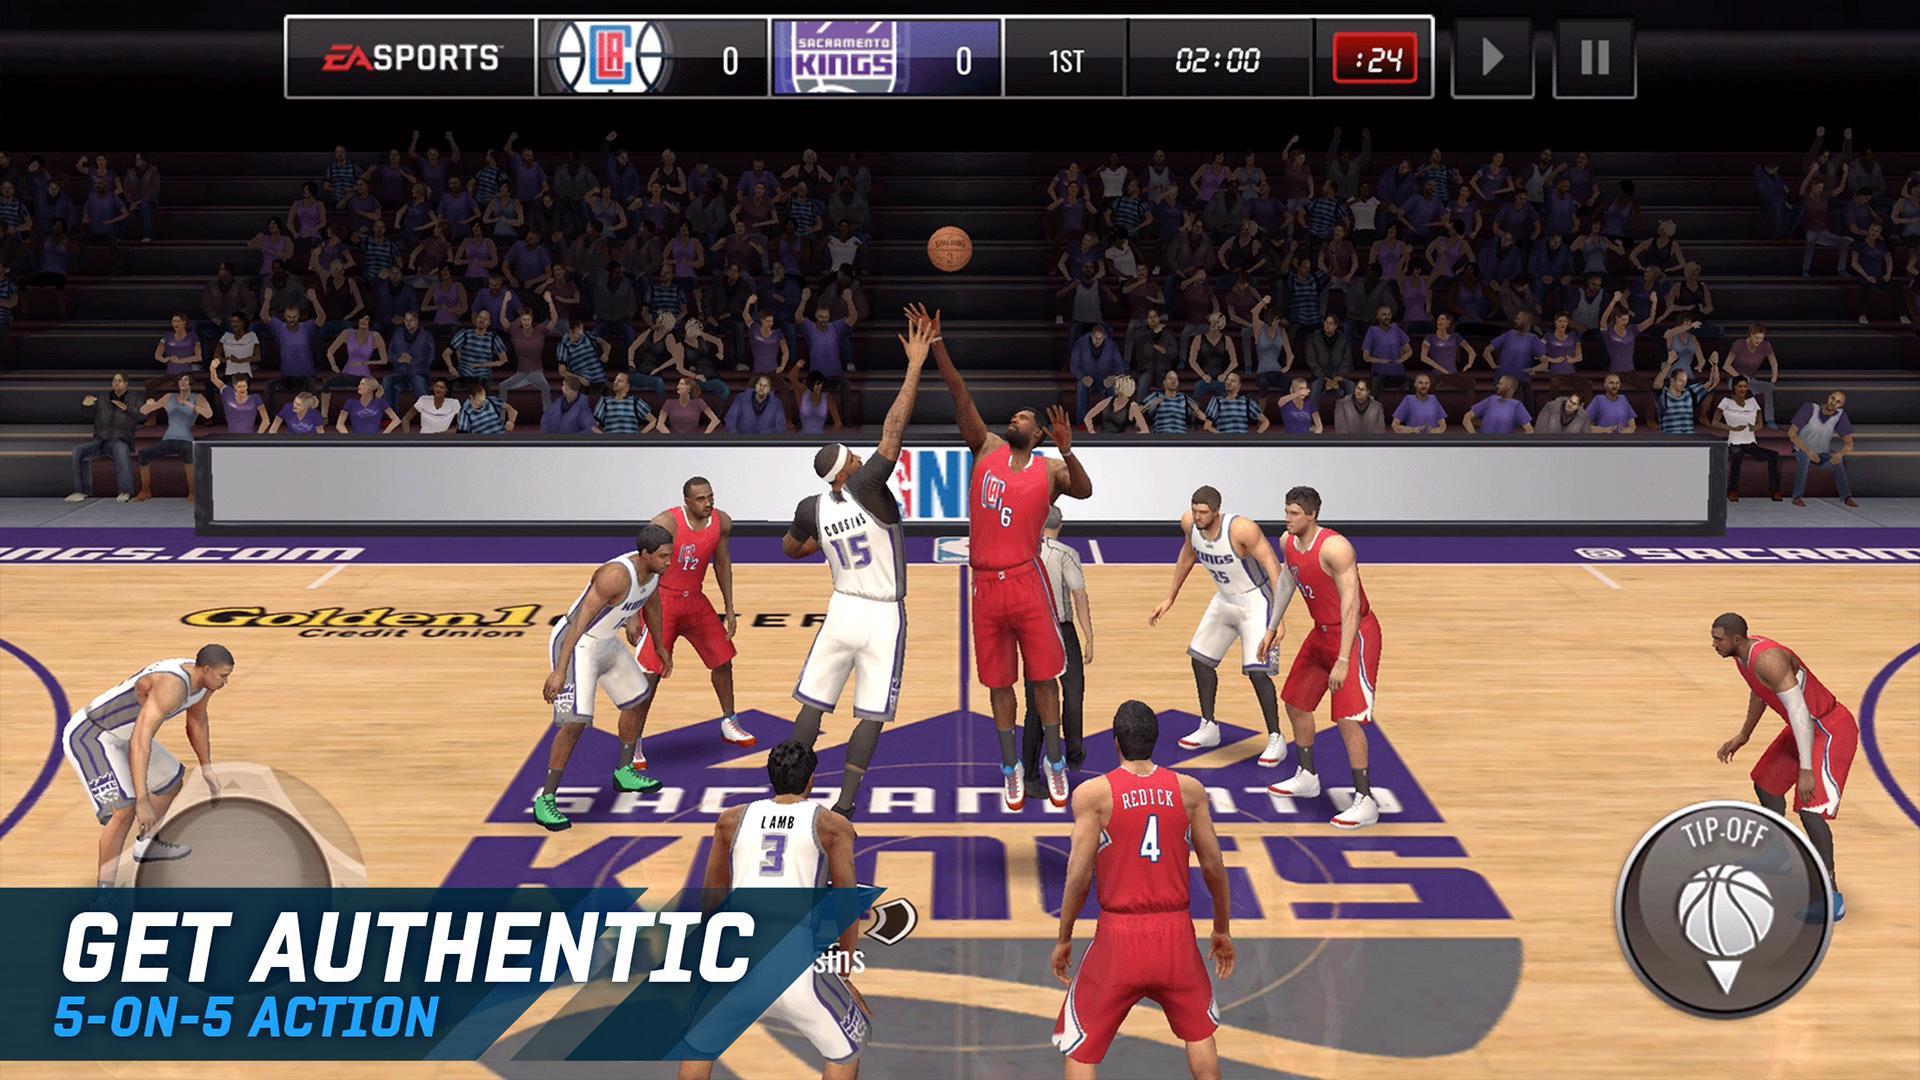 NBA LIVE Mobile Basketball screenshot #2